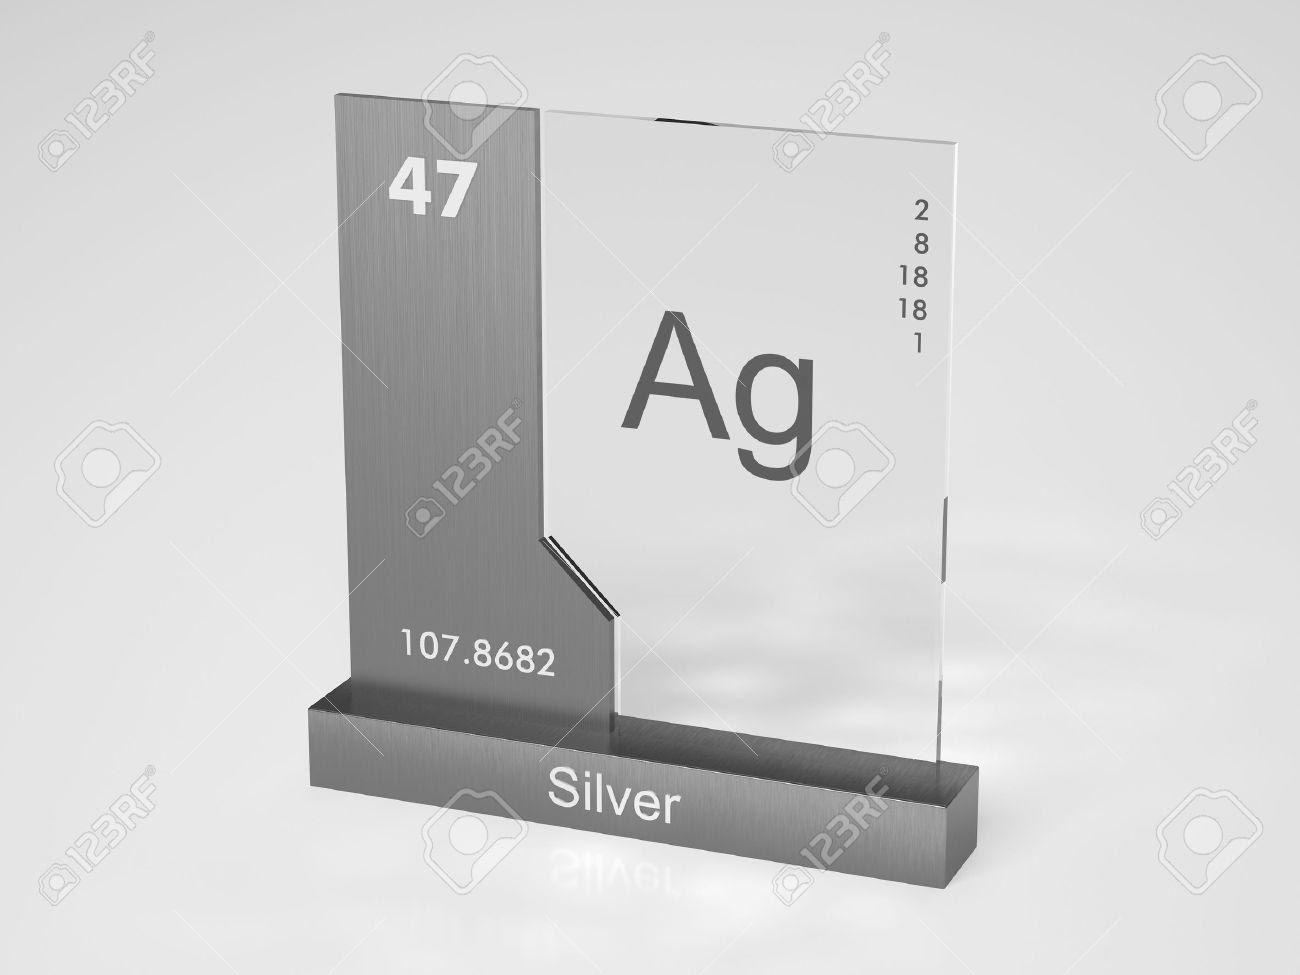 Plata el smbolo ag elemento qumico de la tabla peridica fotos foto de archivo plata el smbolo ag elemento qumico de la tabla peridica urtaz Choice Image